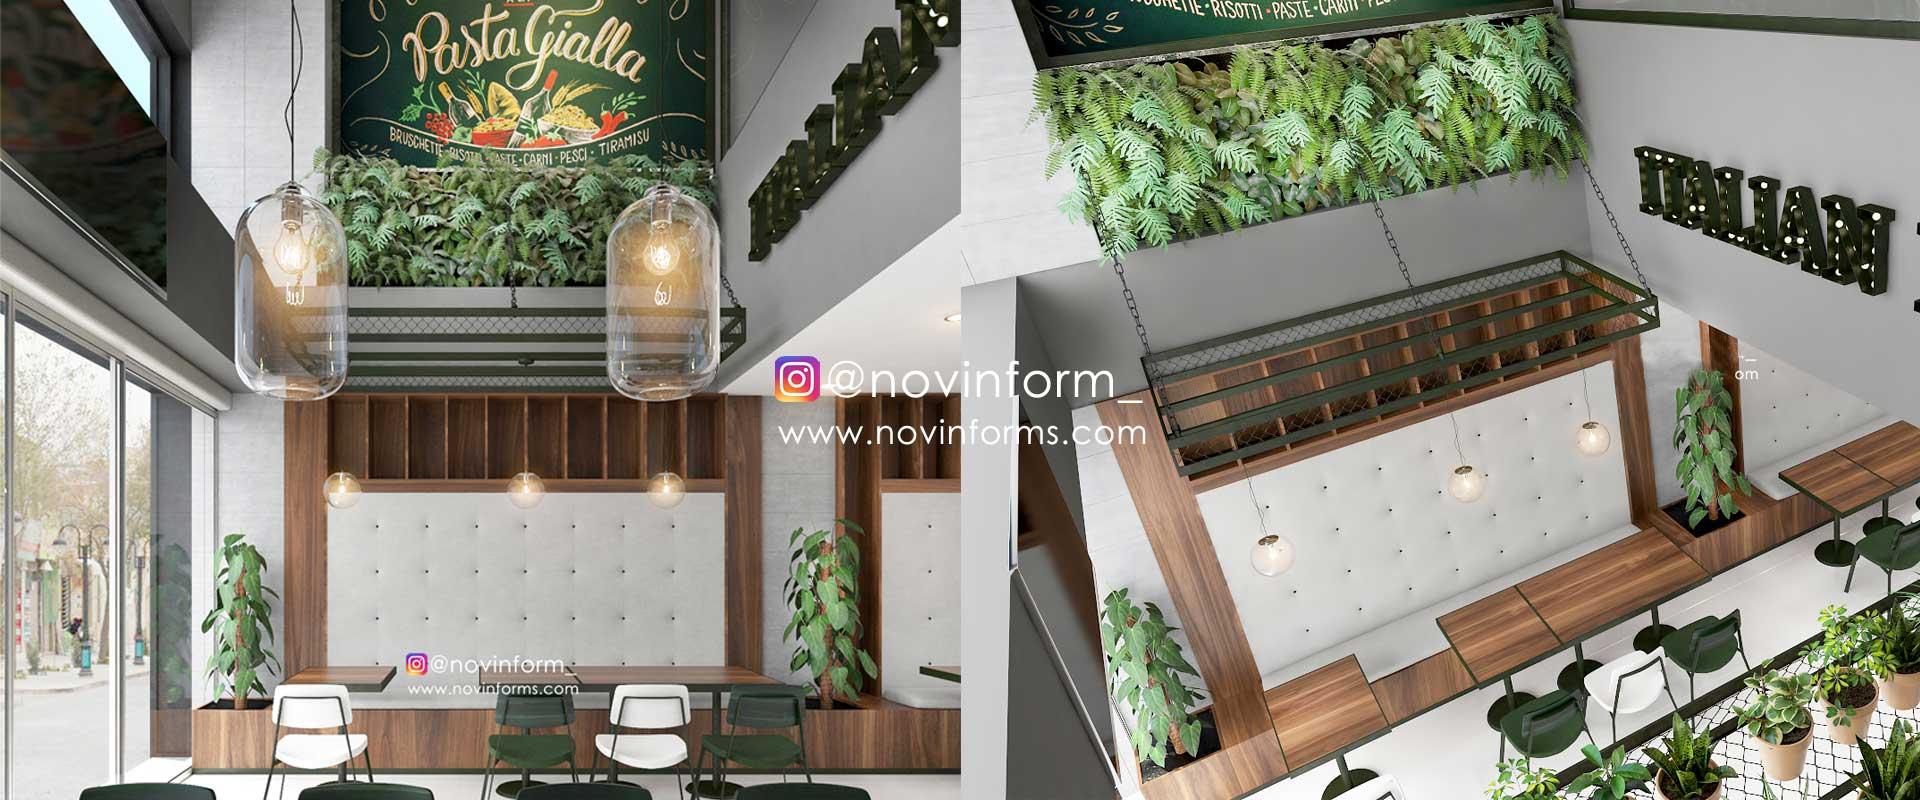 طراحی رستوران ایتالیایی مانگرو